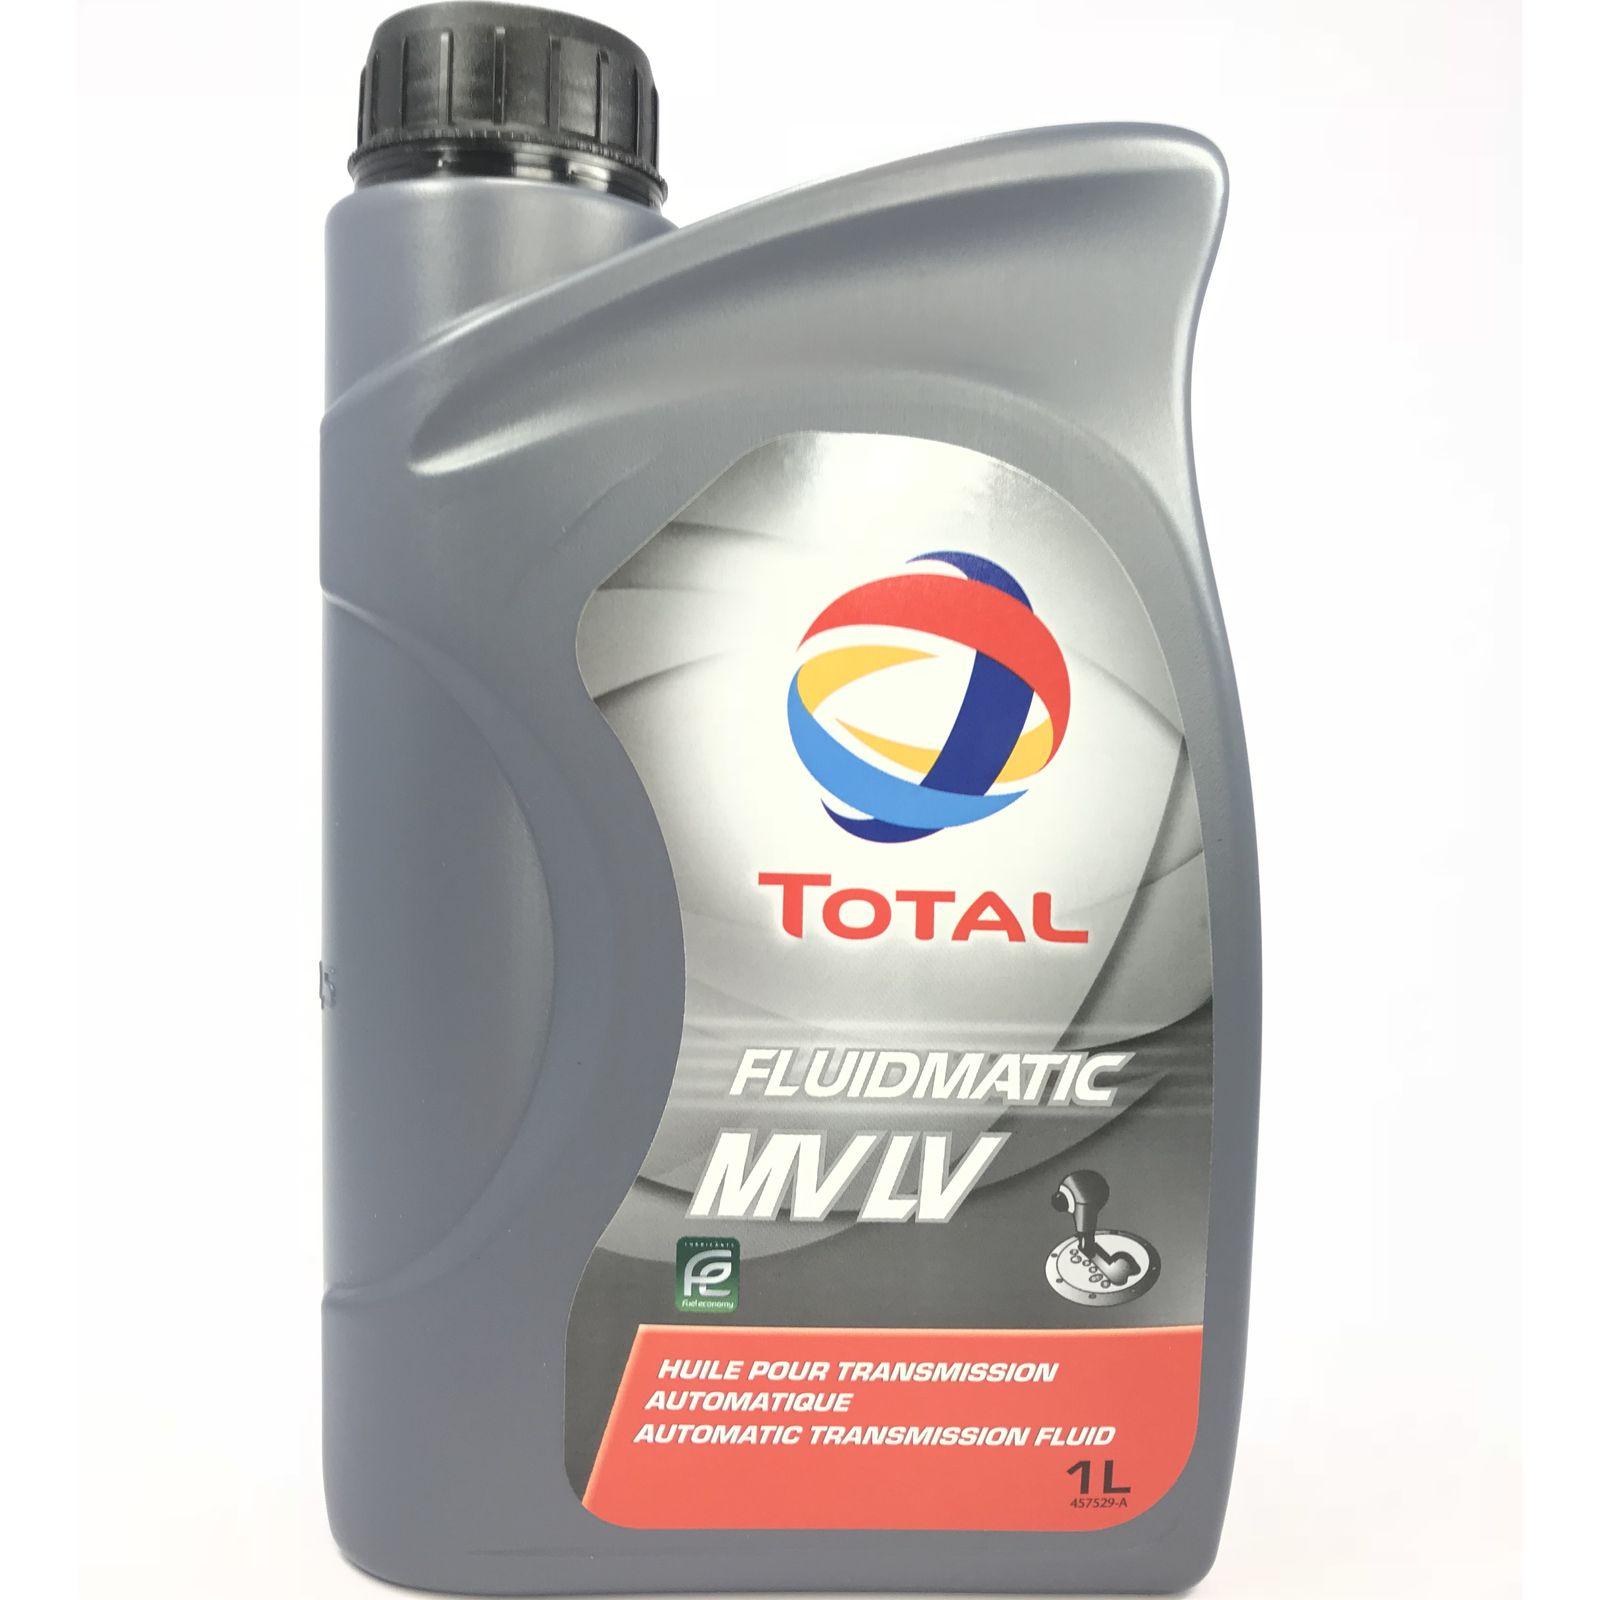 1 Liter TOTAL FLUIDMATIC MV LV Automatikgetriebeöl